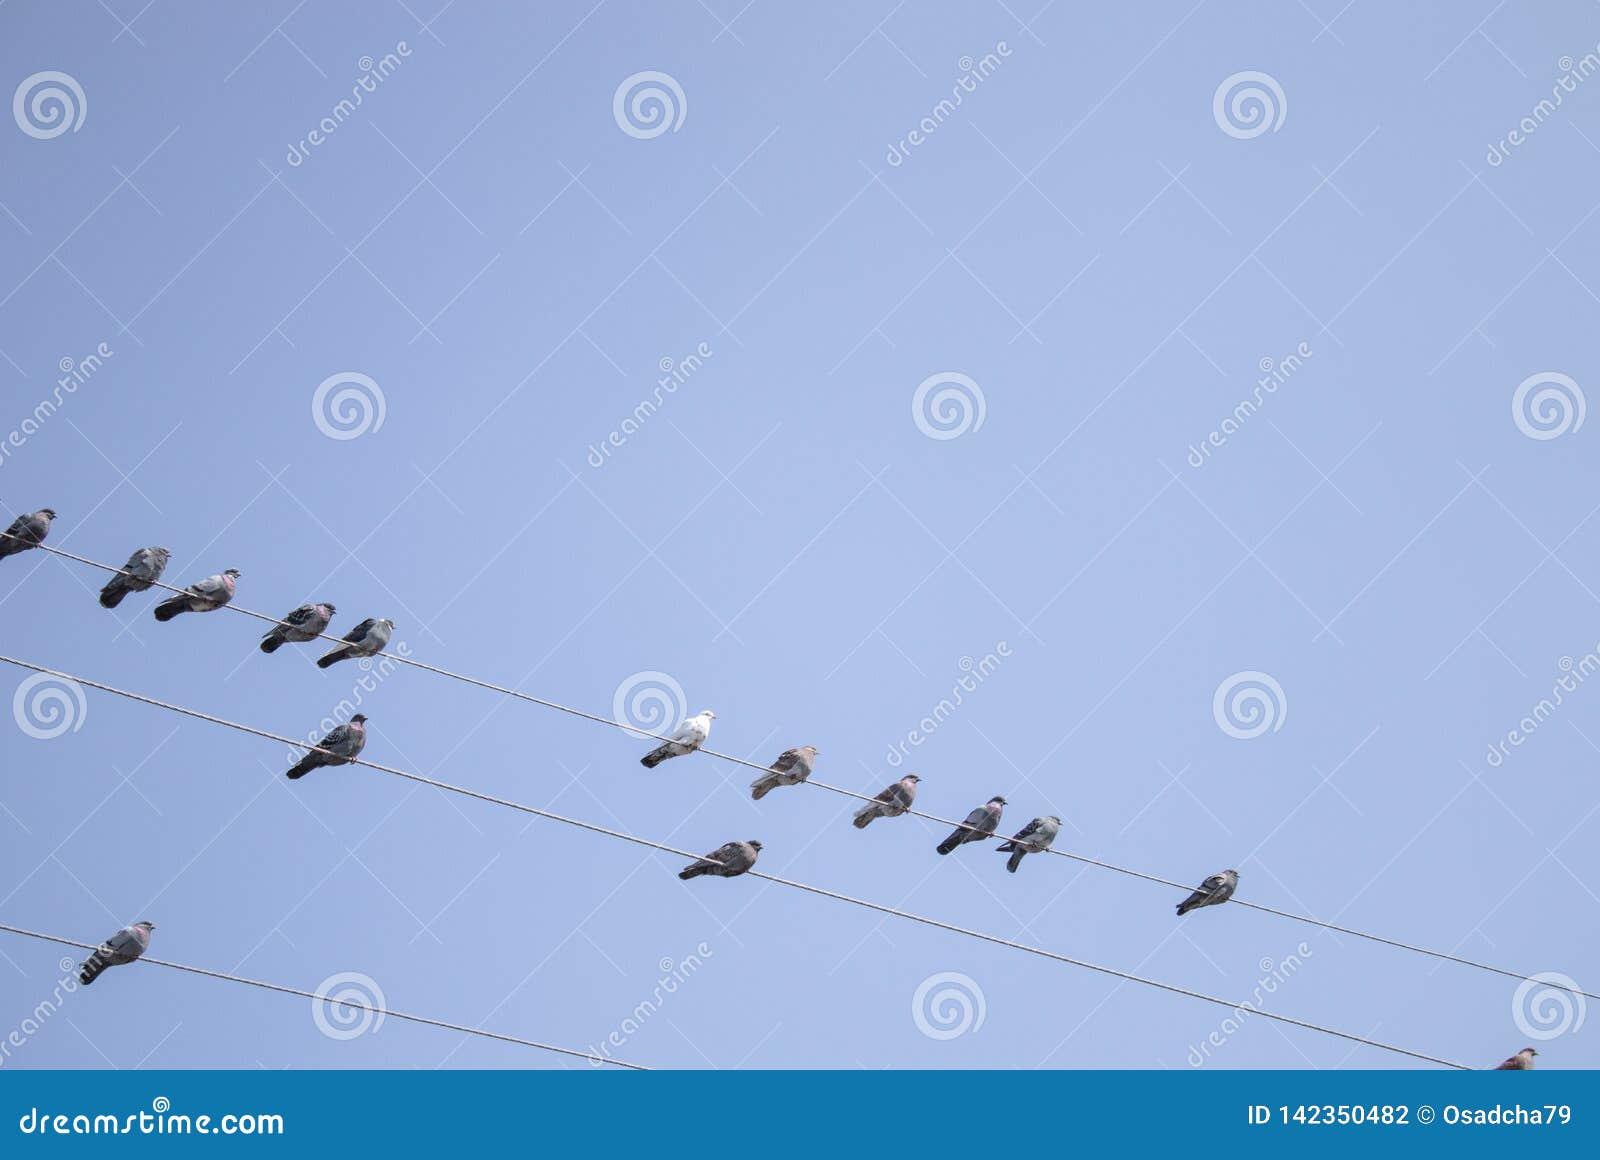 Gołębie siedzą na liniach energetycznych